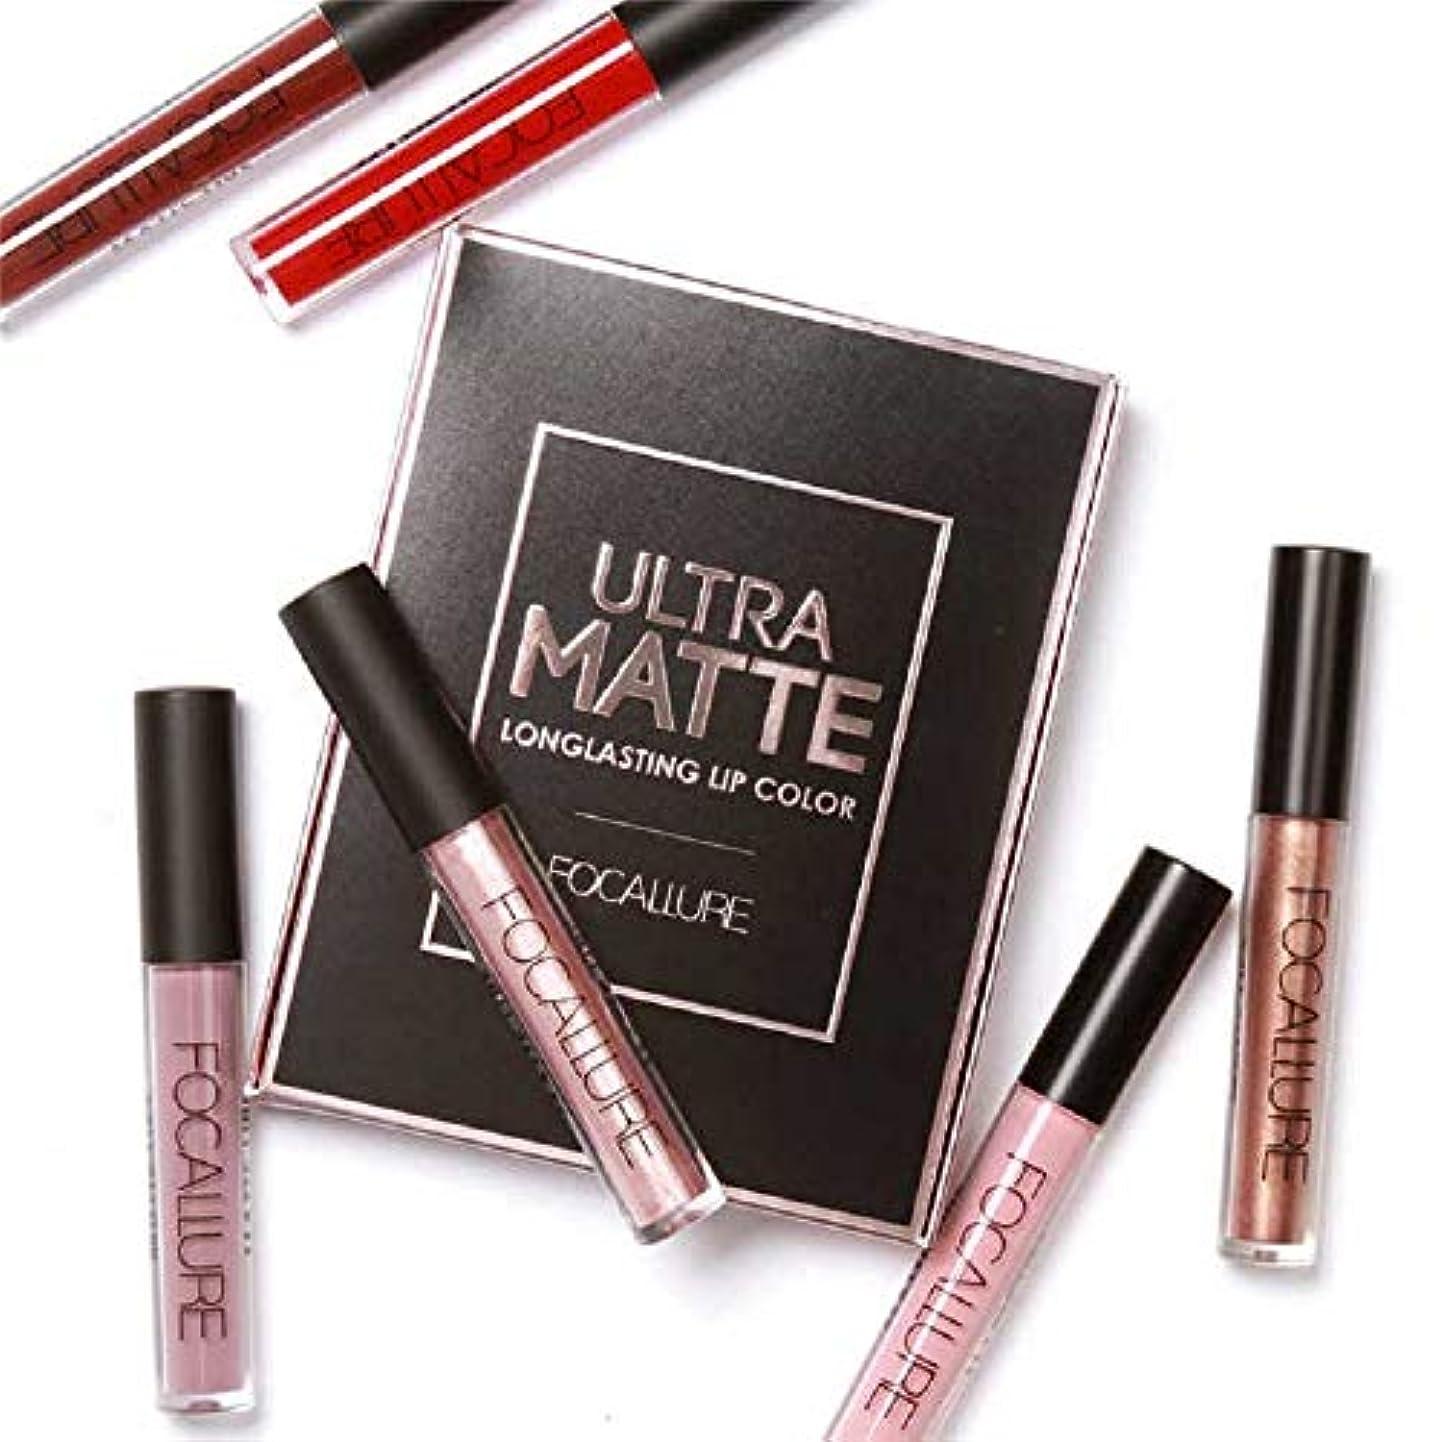 八百屋霊手入れ3Pcs/Set Long-lasting Lip Colors Makeup Waterproof Tint Lip Gloss Red Velvet Ultra Nude Matte Lipstick Set リップカラーメーキャップ...